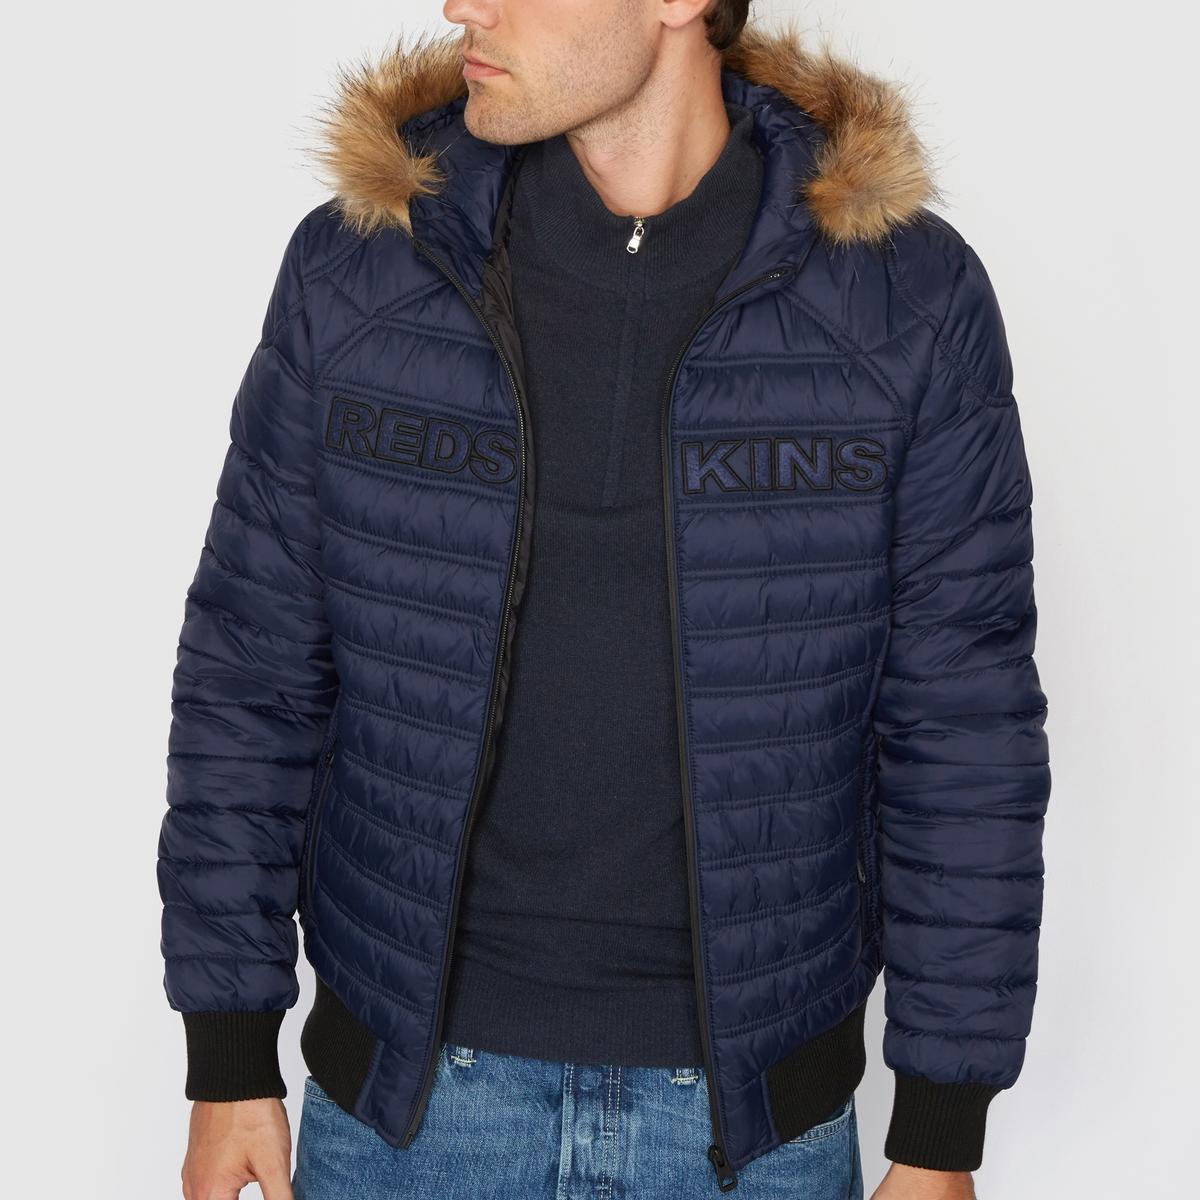 Стеганая куртка с капюшономМатериал : 100% Нейлона Марка : RedskinsЗастежка на молнию.Съемный капюшон. Искусственный мех .<br><br>Цвет: темно-синий<br>Размер: L